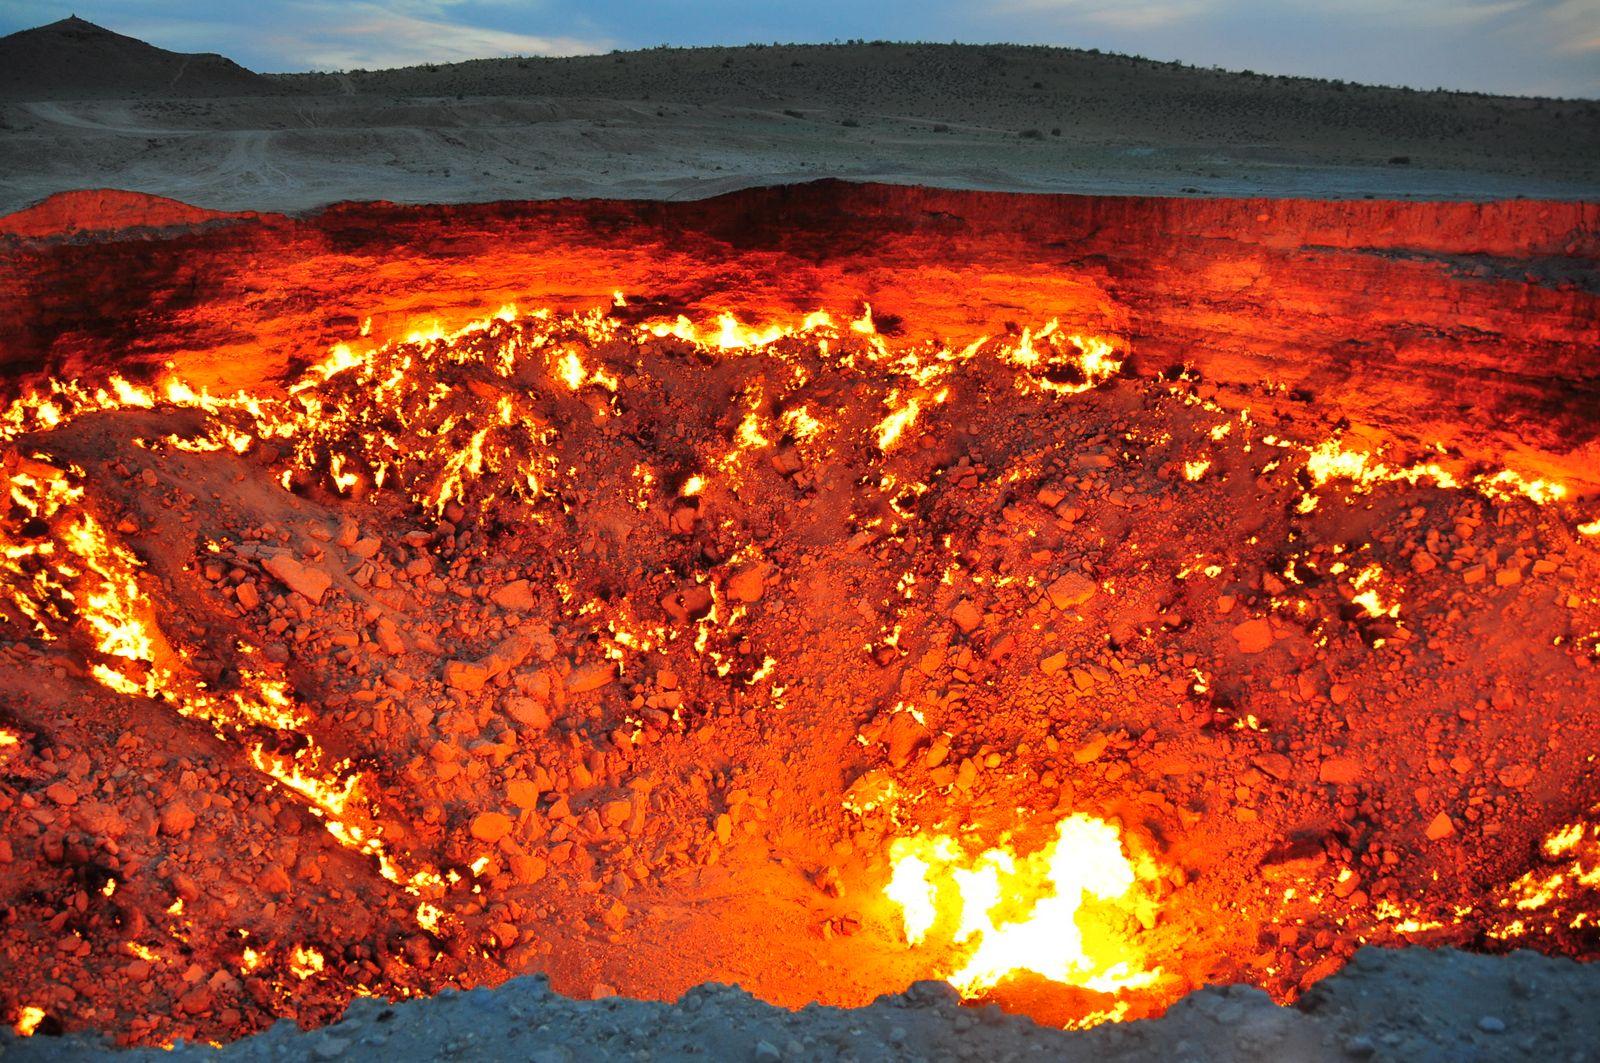 16. Ворота пекла в Туркменістані. Пожежу на газовій шахті, яка виникла в 1971 році і продовжується до цих пір.